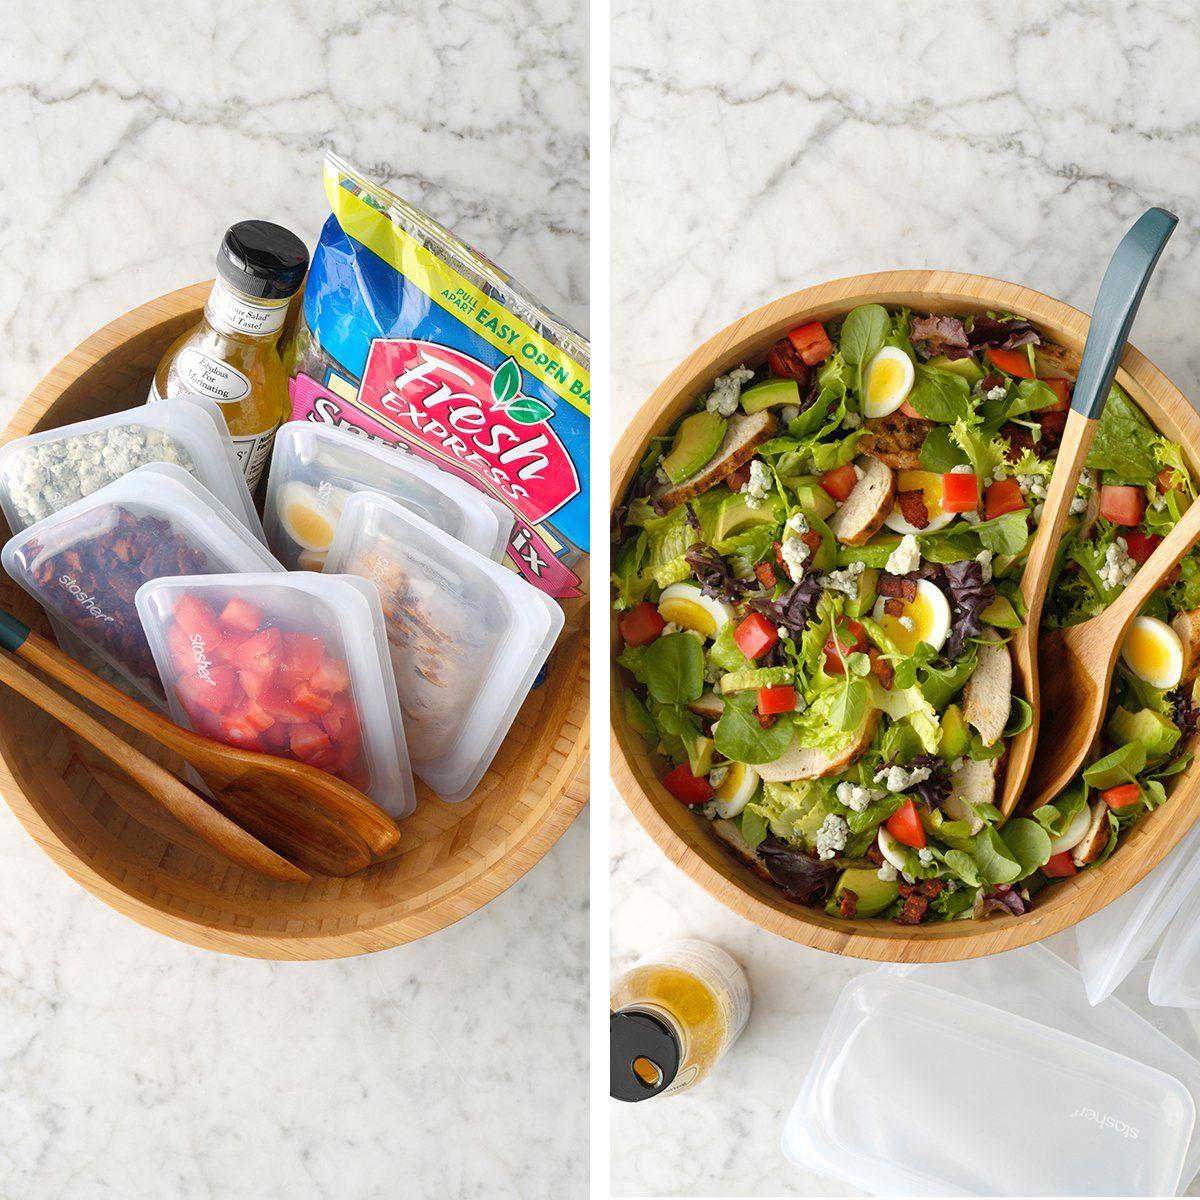 DIY salad kit for make-and-take potlucks